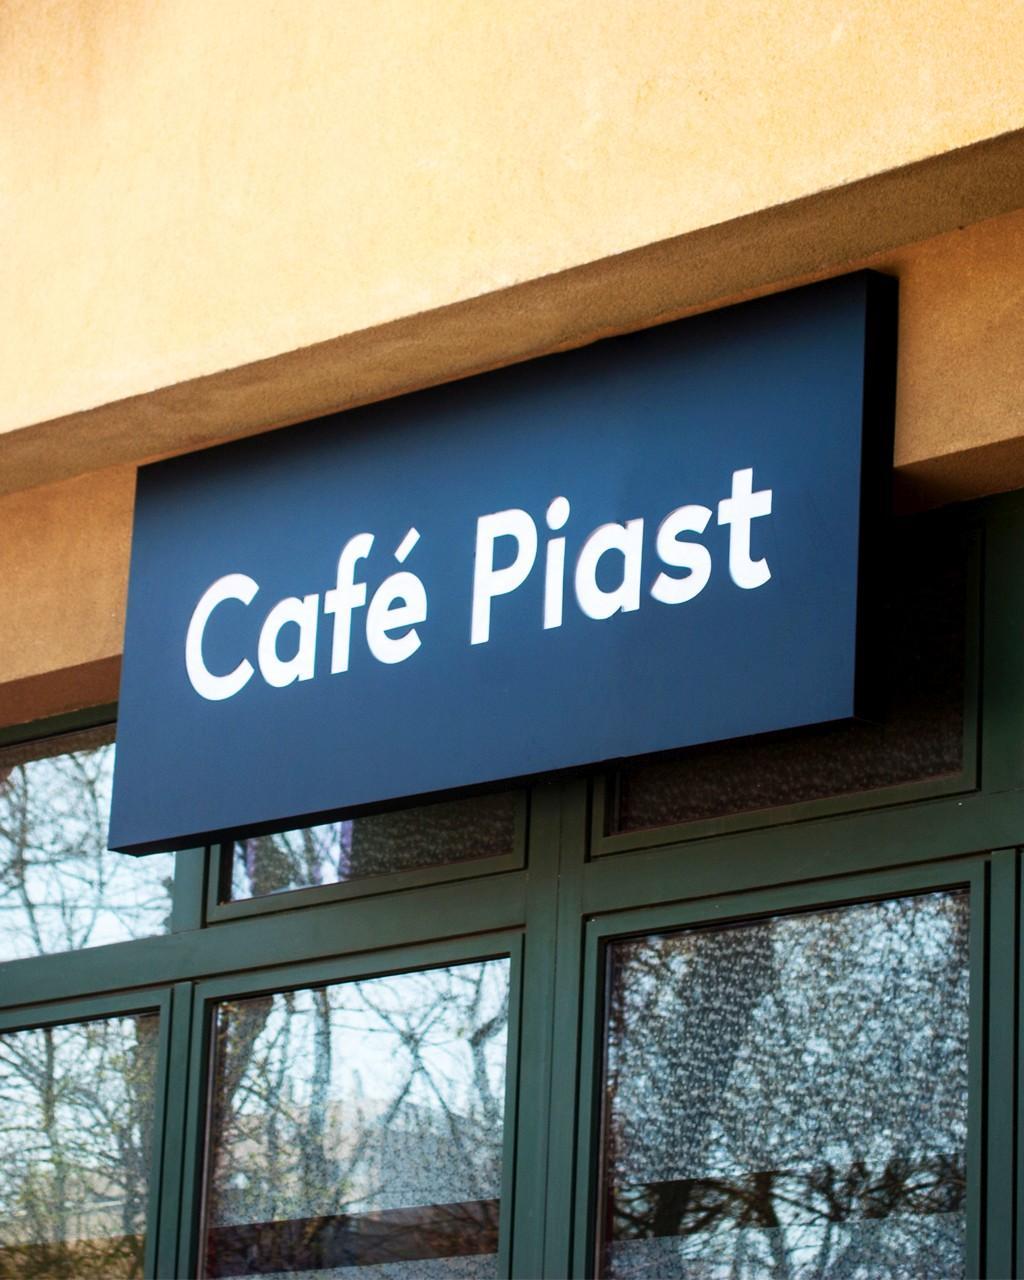 CAFE_PIAST_1